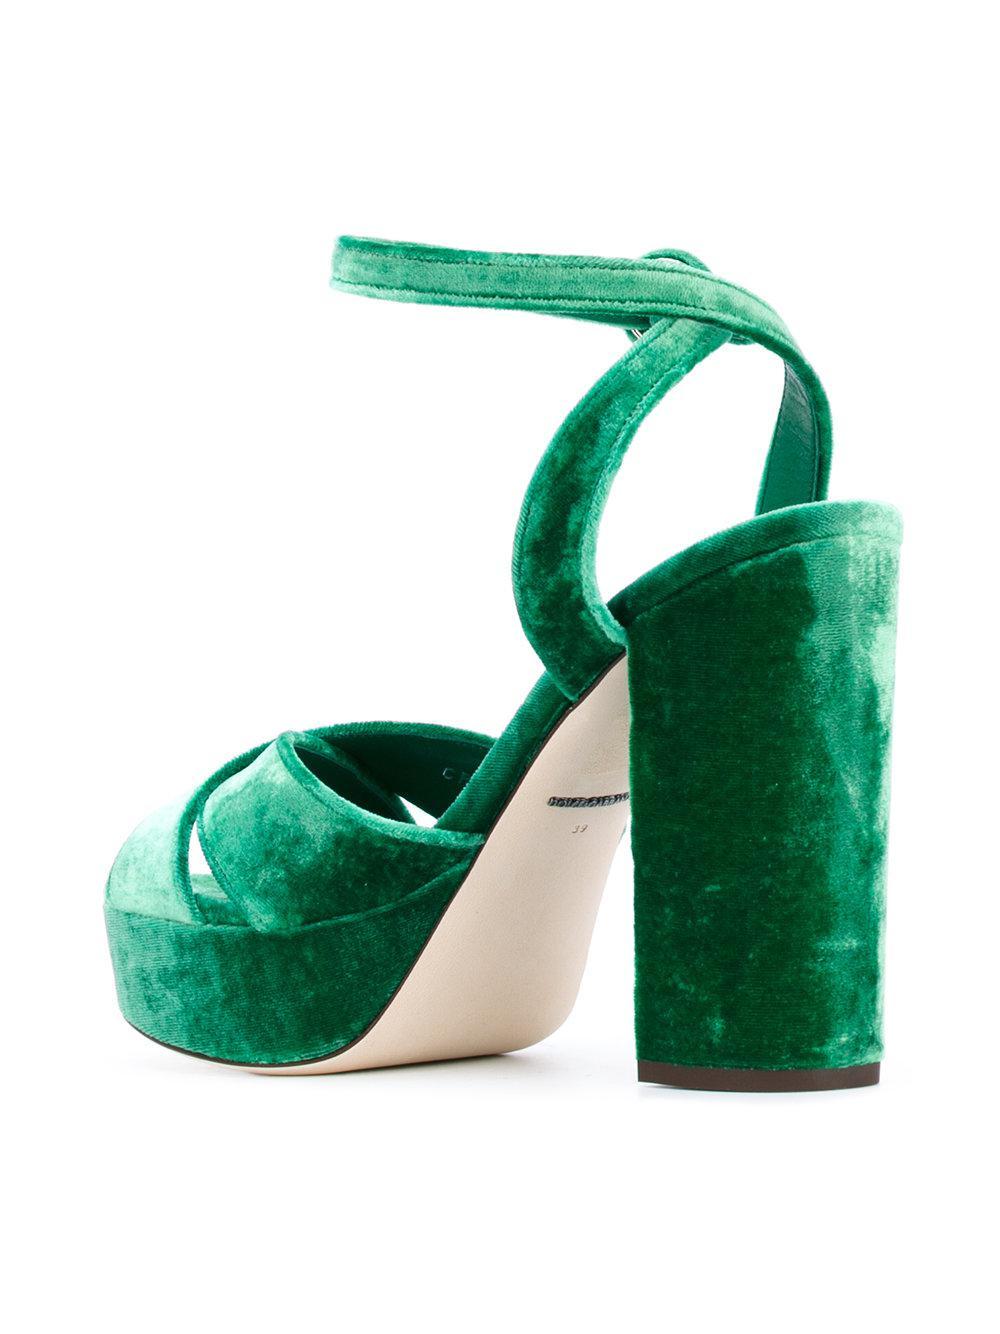 3a143060d0c Dolce   Gabbana - Green Platform Sandals - Lyst. View fullscreen